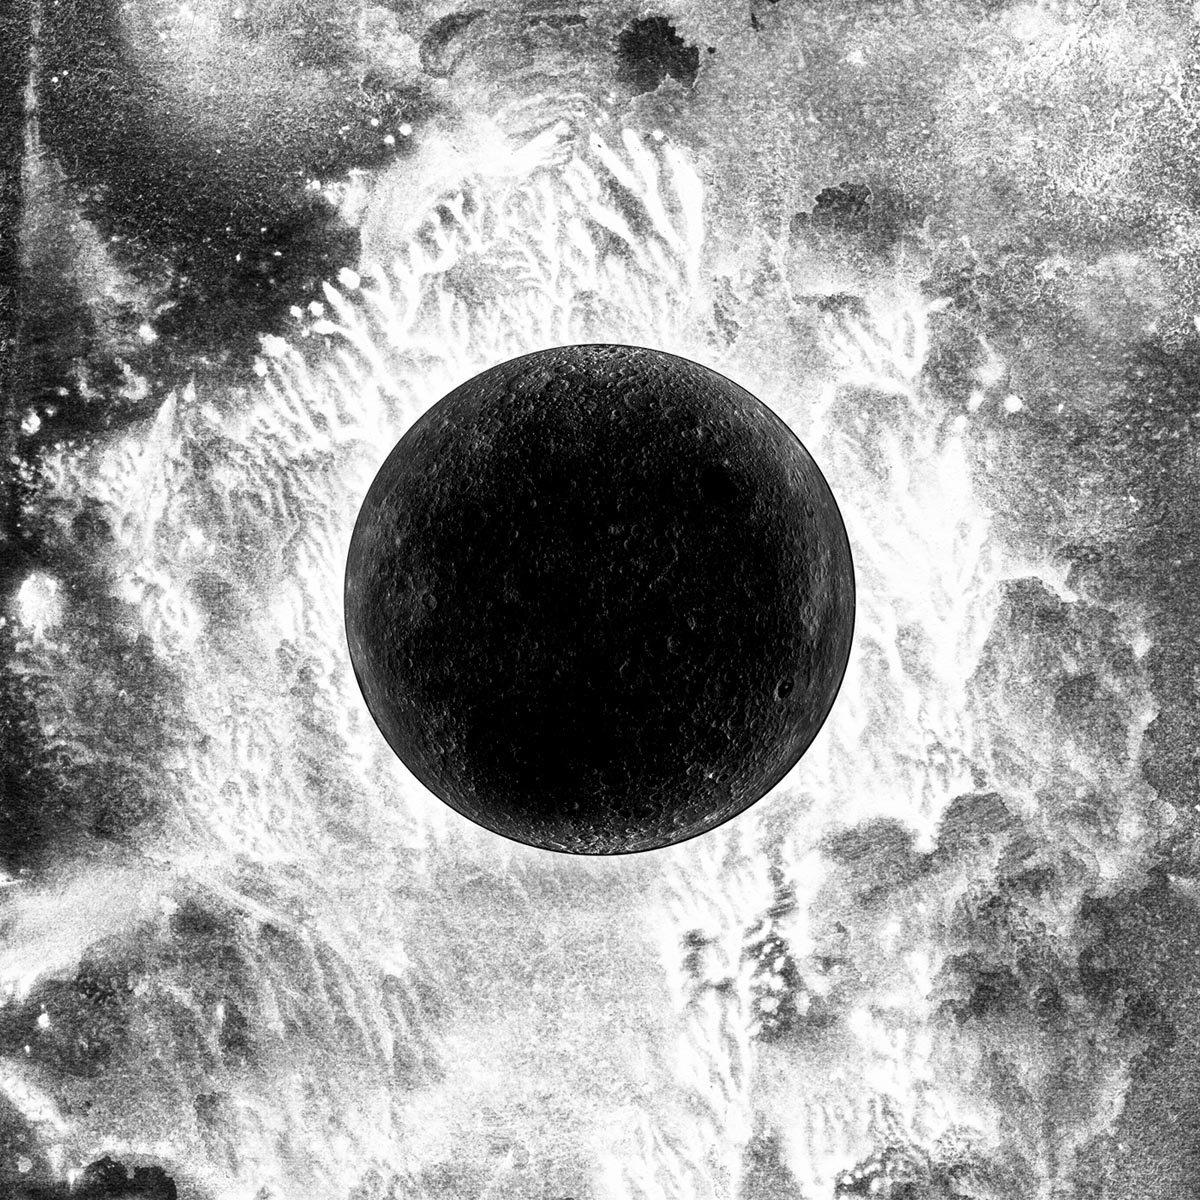 Vinilo : Son Lux - Alternate Worlds (LP Vinyl)